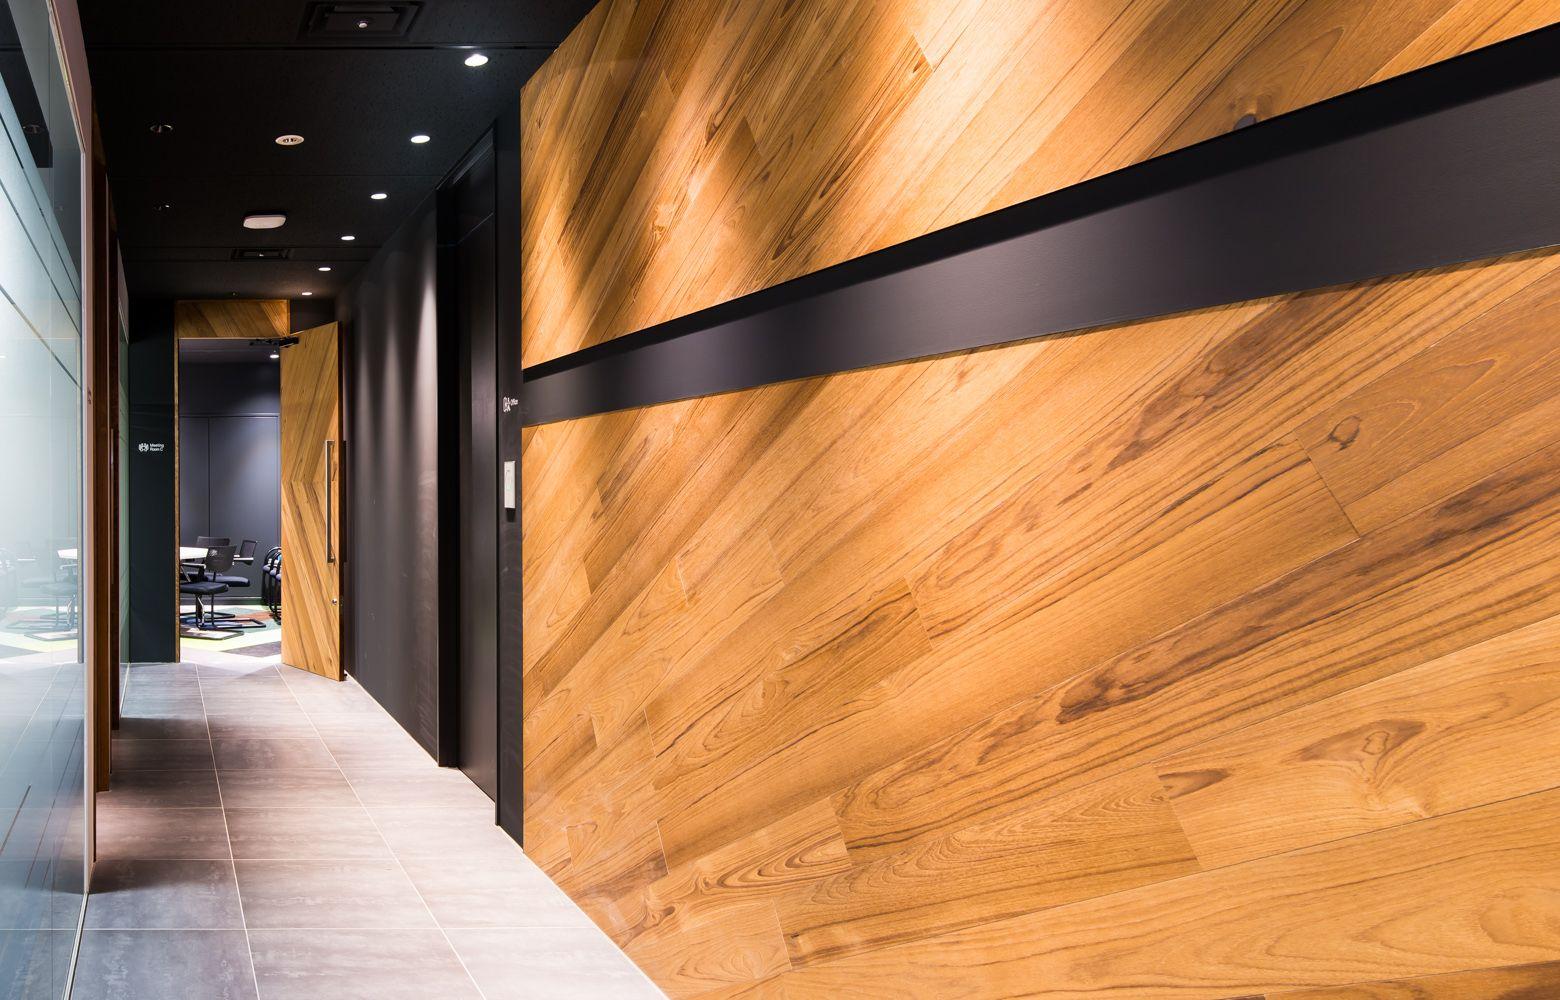 エントランス 廊下 オフィスデザイン 廊下のデザイン オフィス